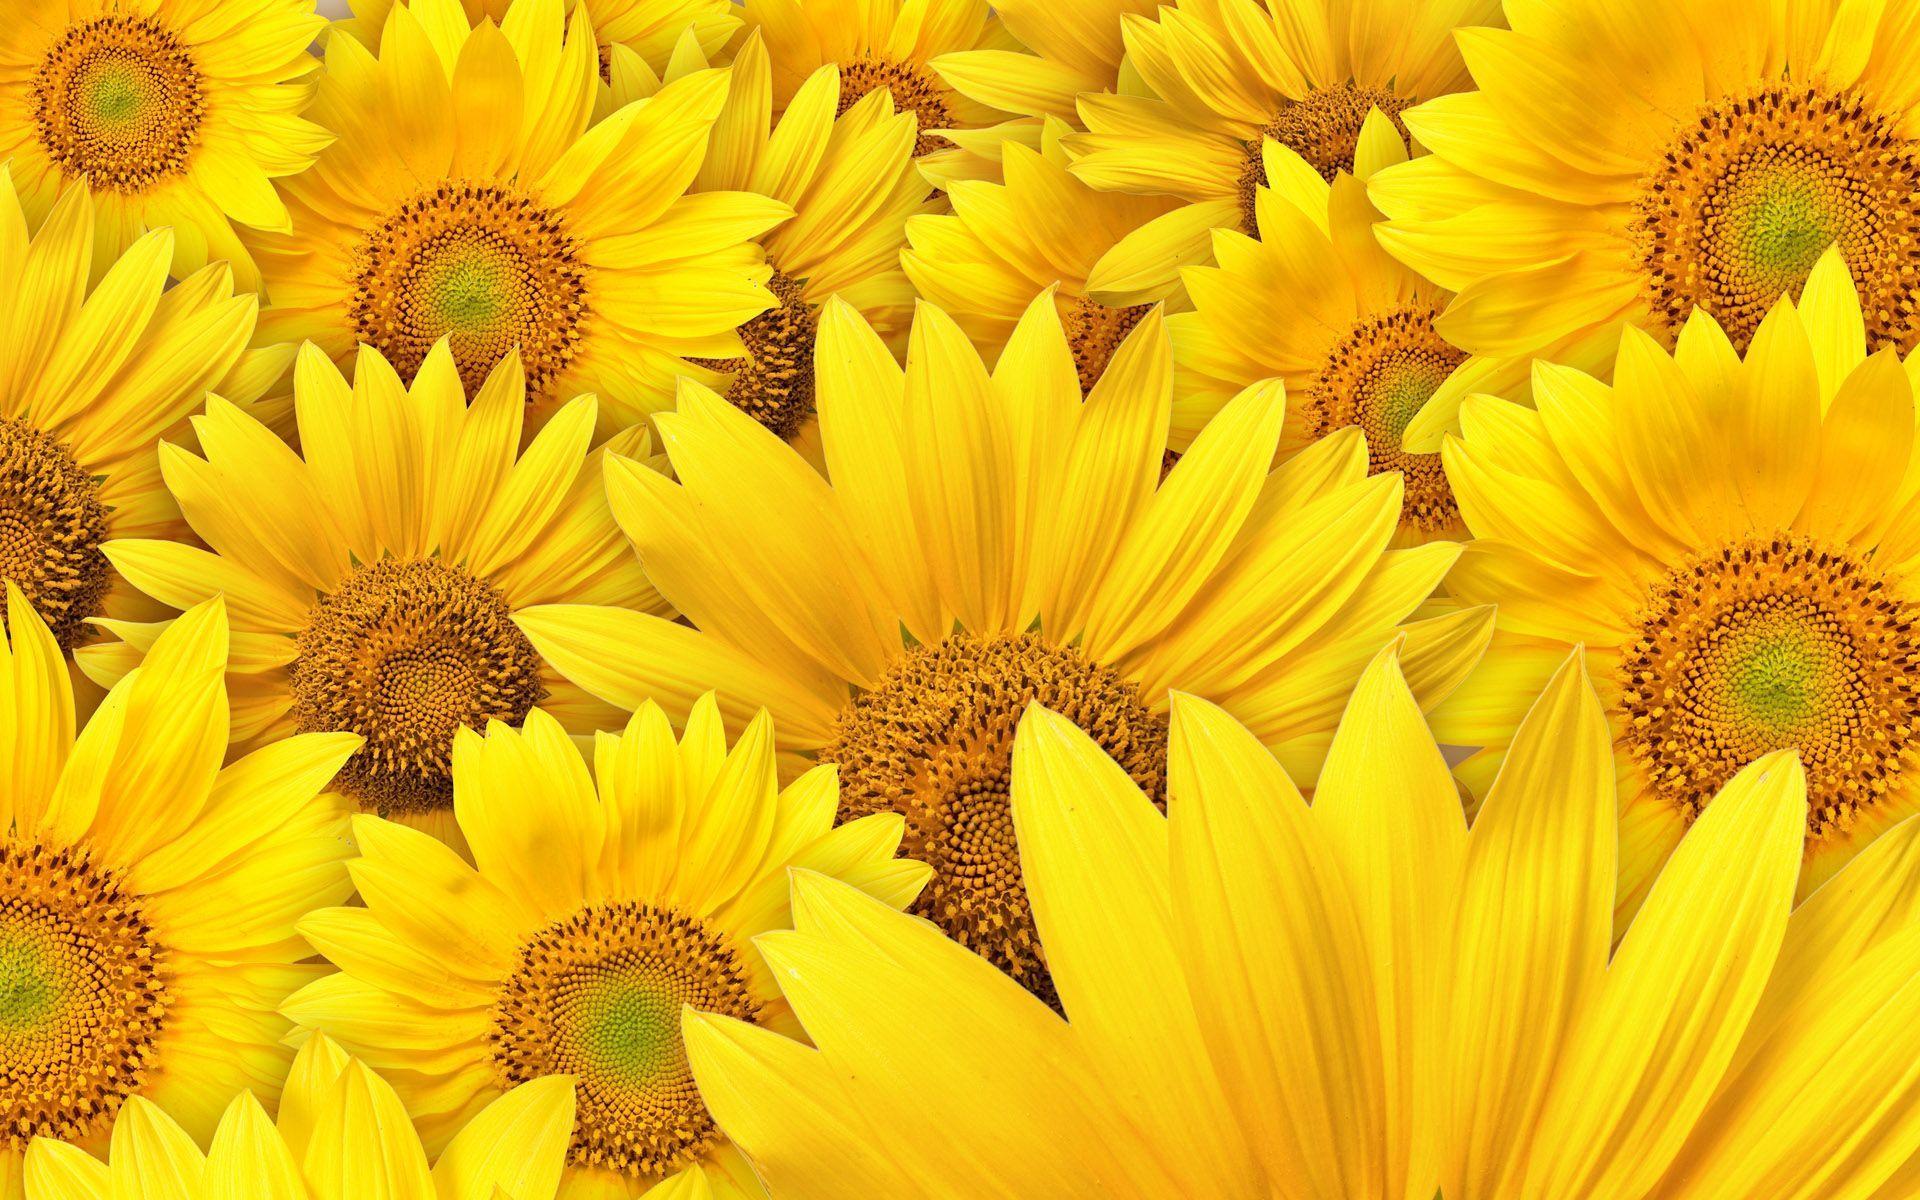 Hình nền hoa hướng dương cực đẹp